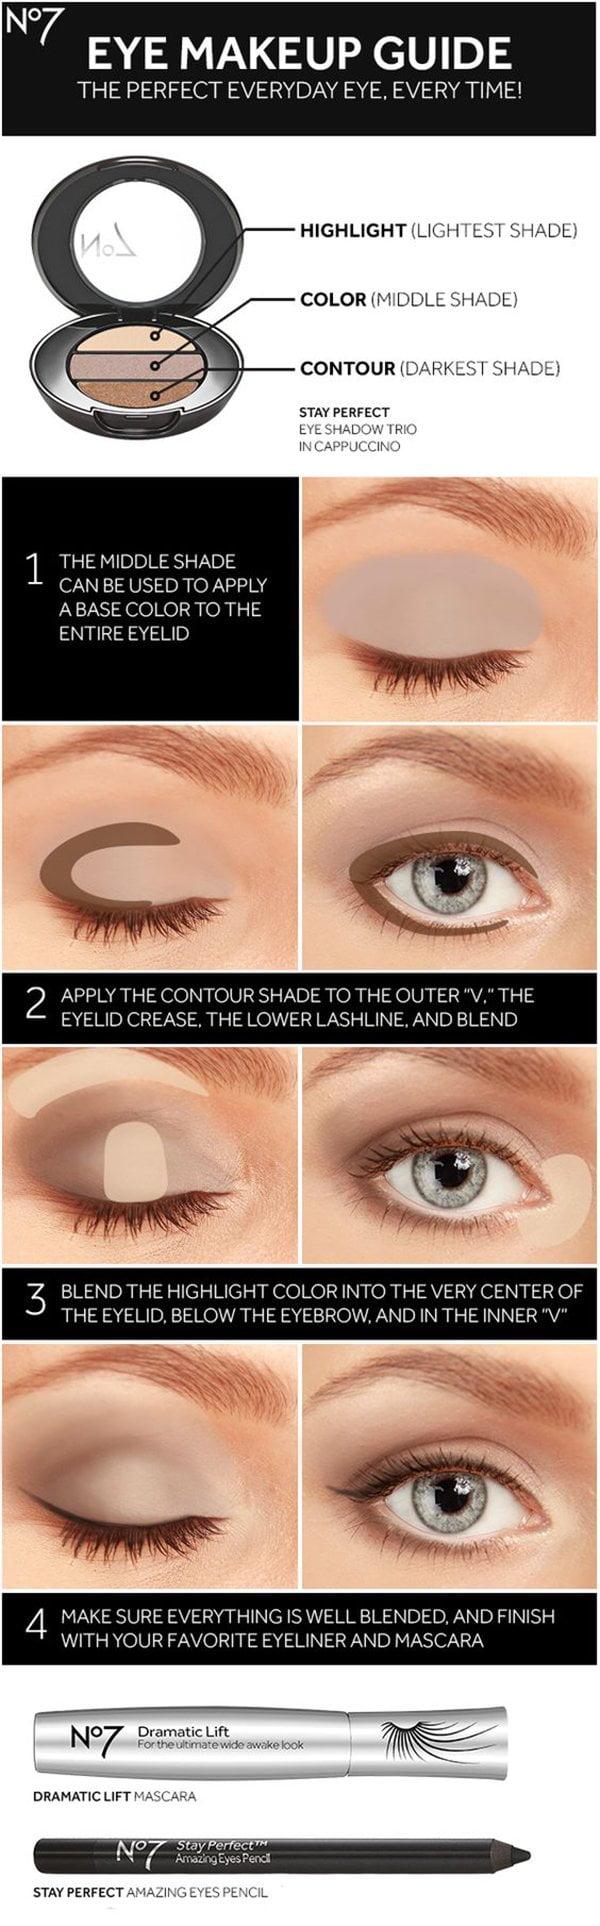 Die besten Augen Make Up Tutorials auf Pinterest: No. 7 Perfect Eye Makeup Guide